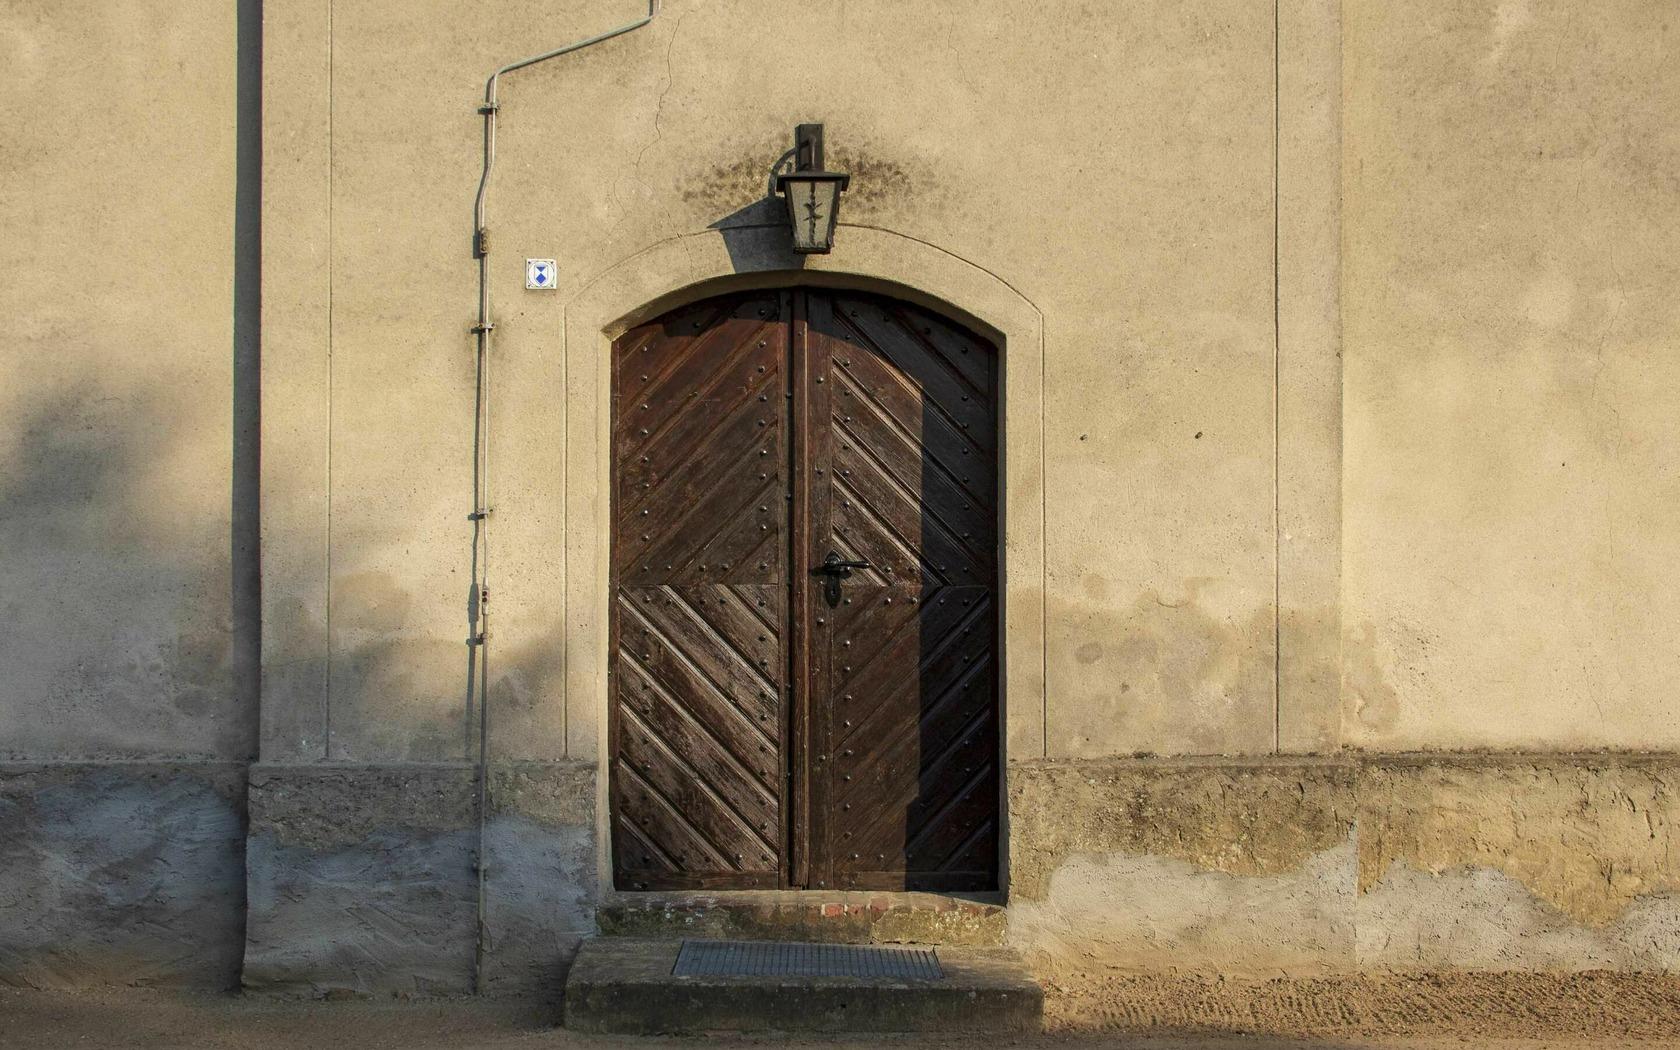 Dorfkirche Sembten, Foto: TMB-Fotoarchiv/ScottyScout